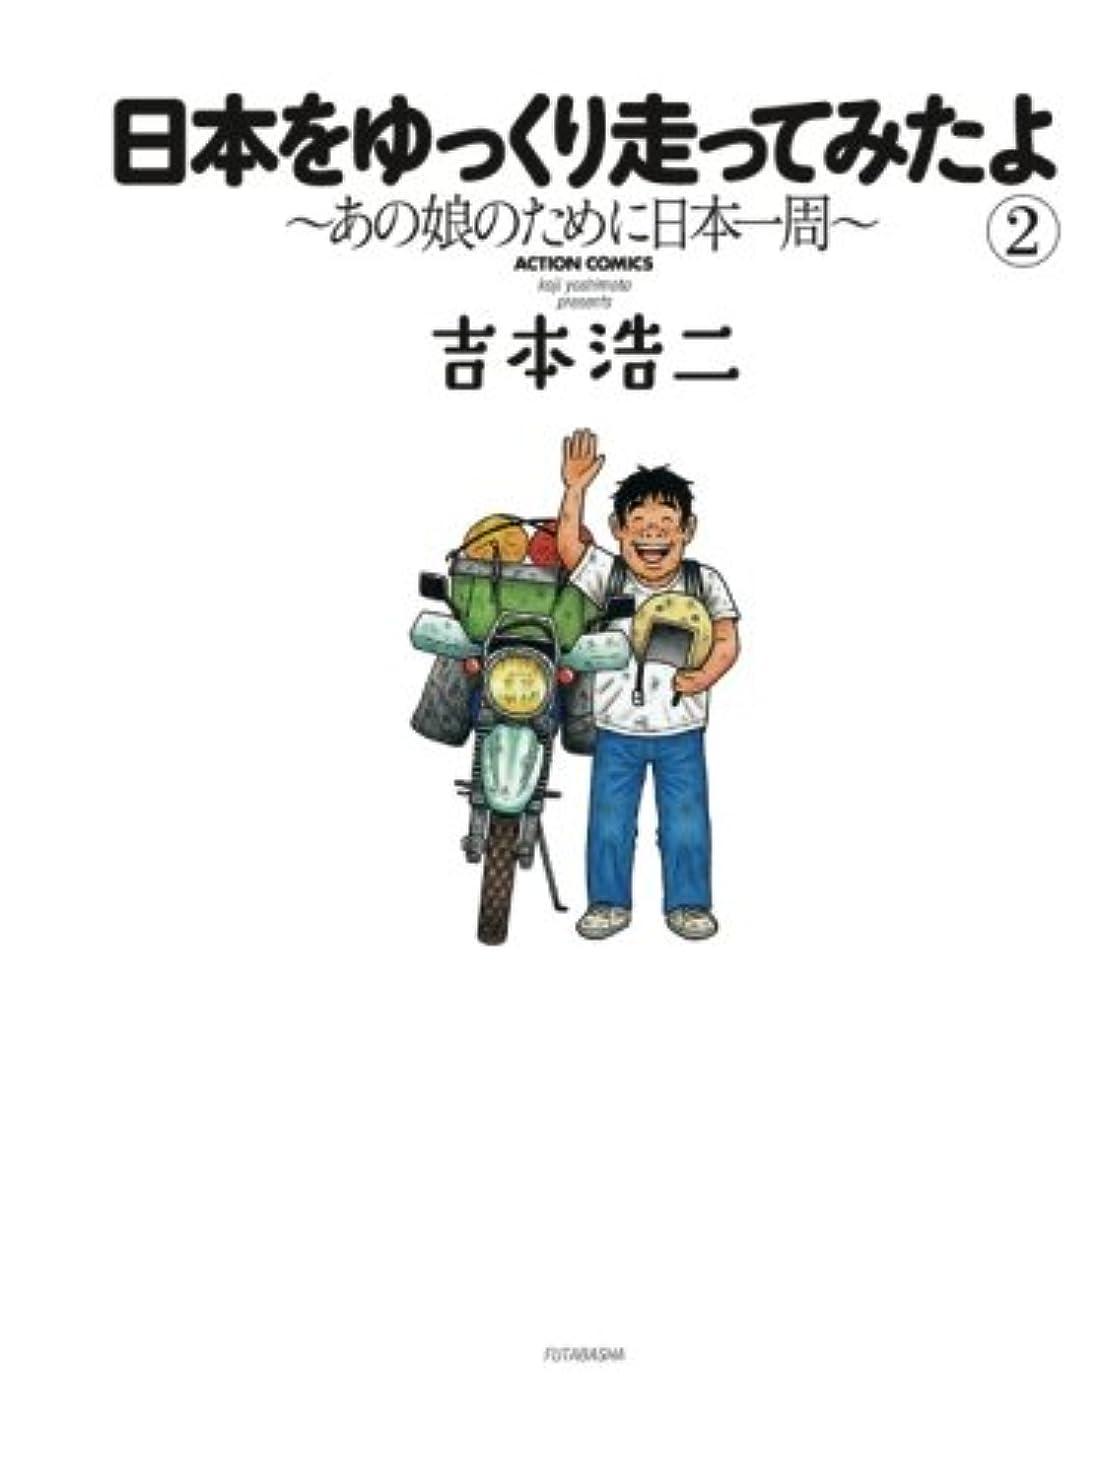 限りなく証人宝石日本をゆっくり走ってみたよ(2) (漫画アクション)